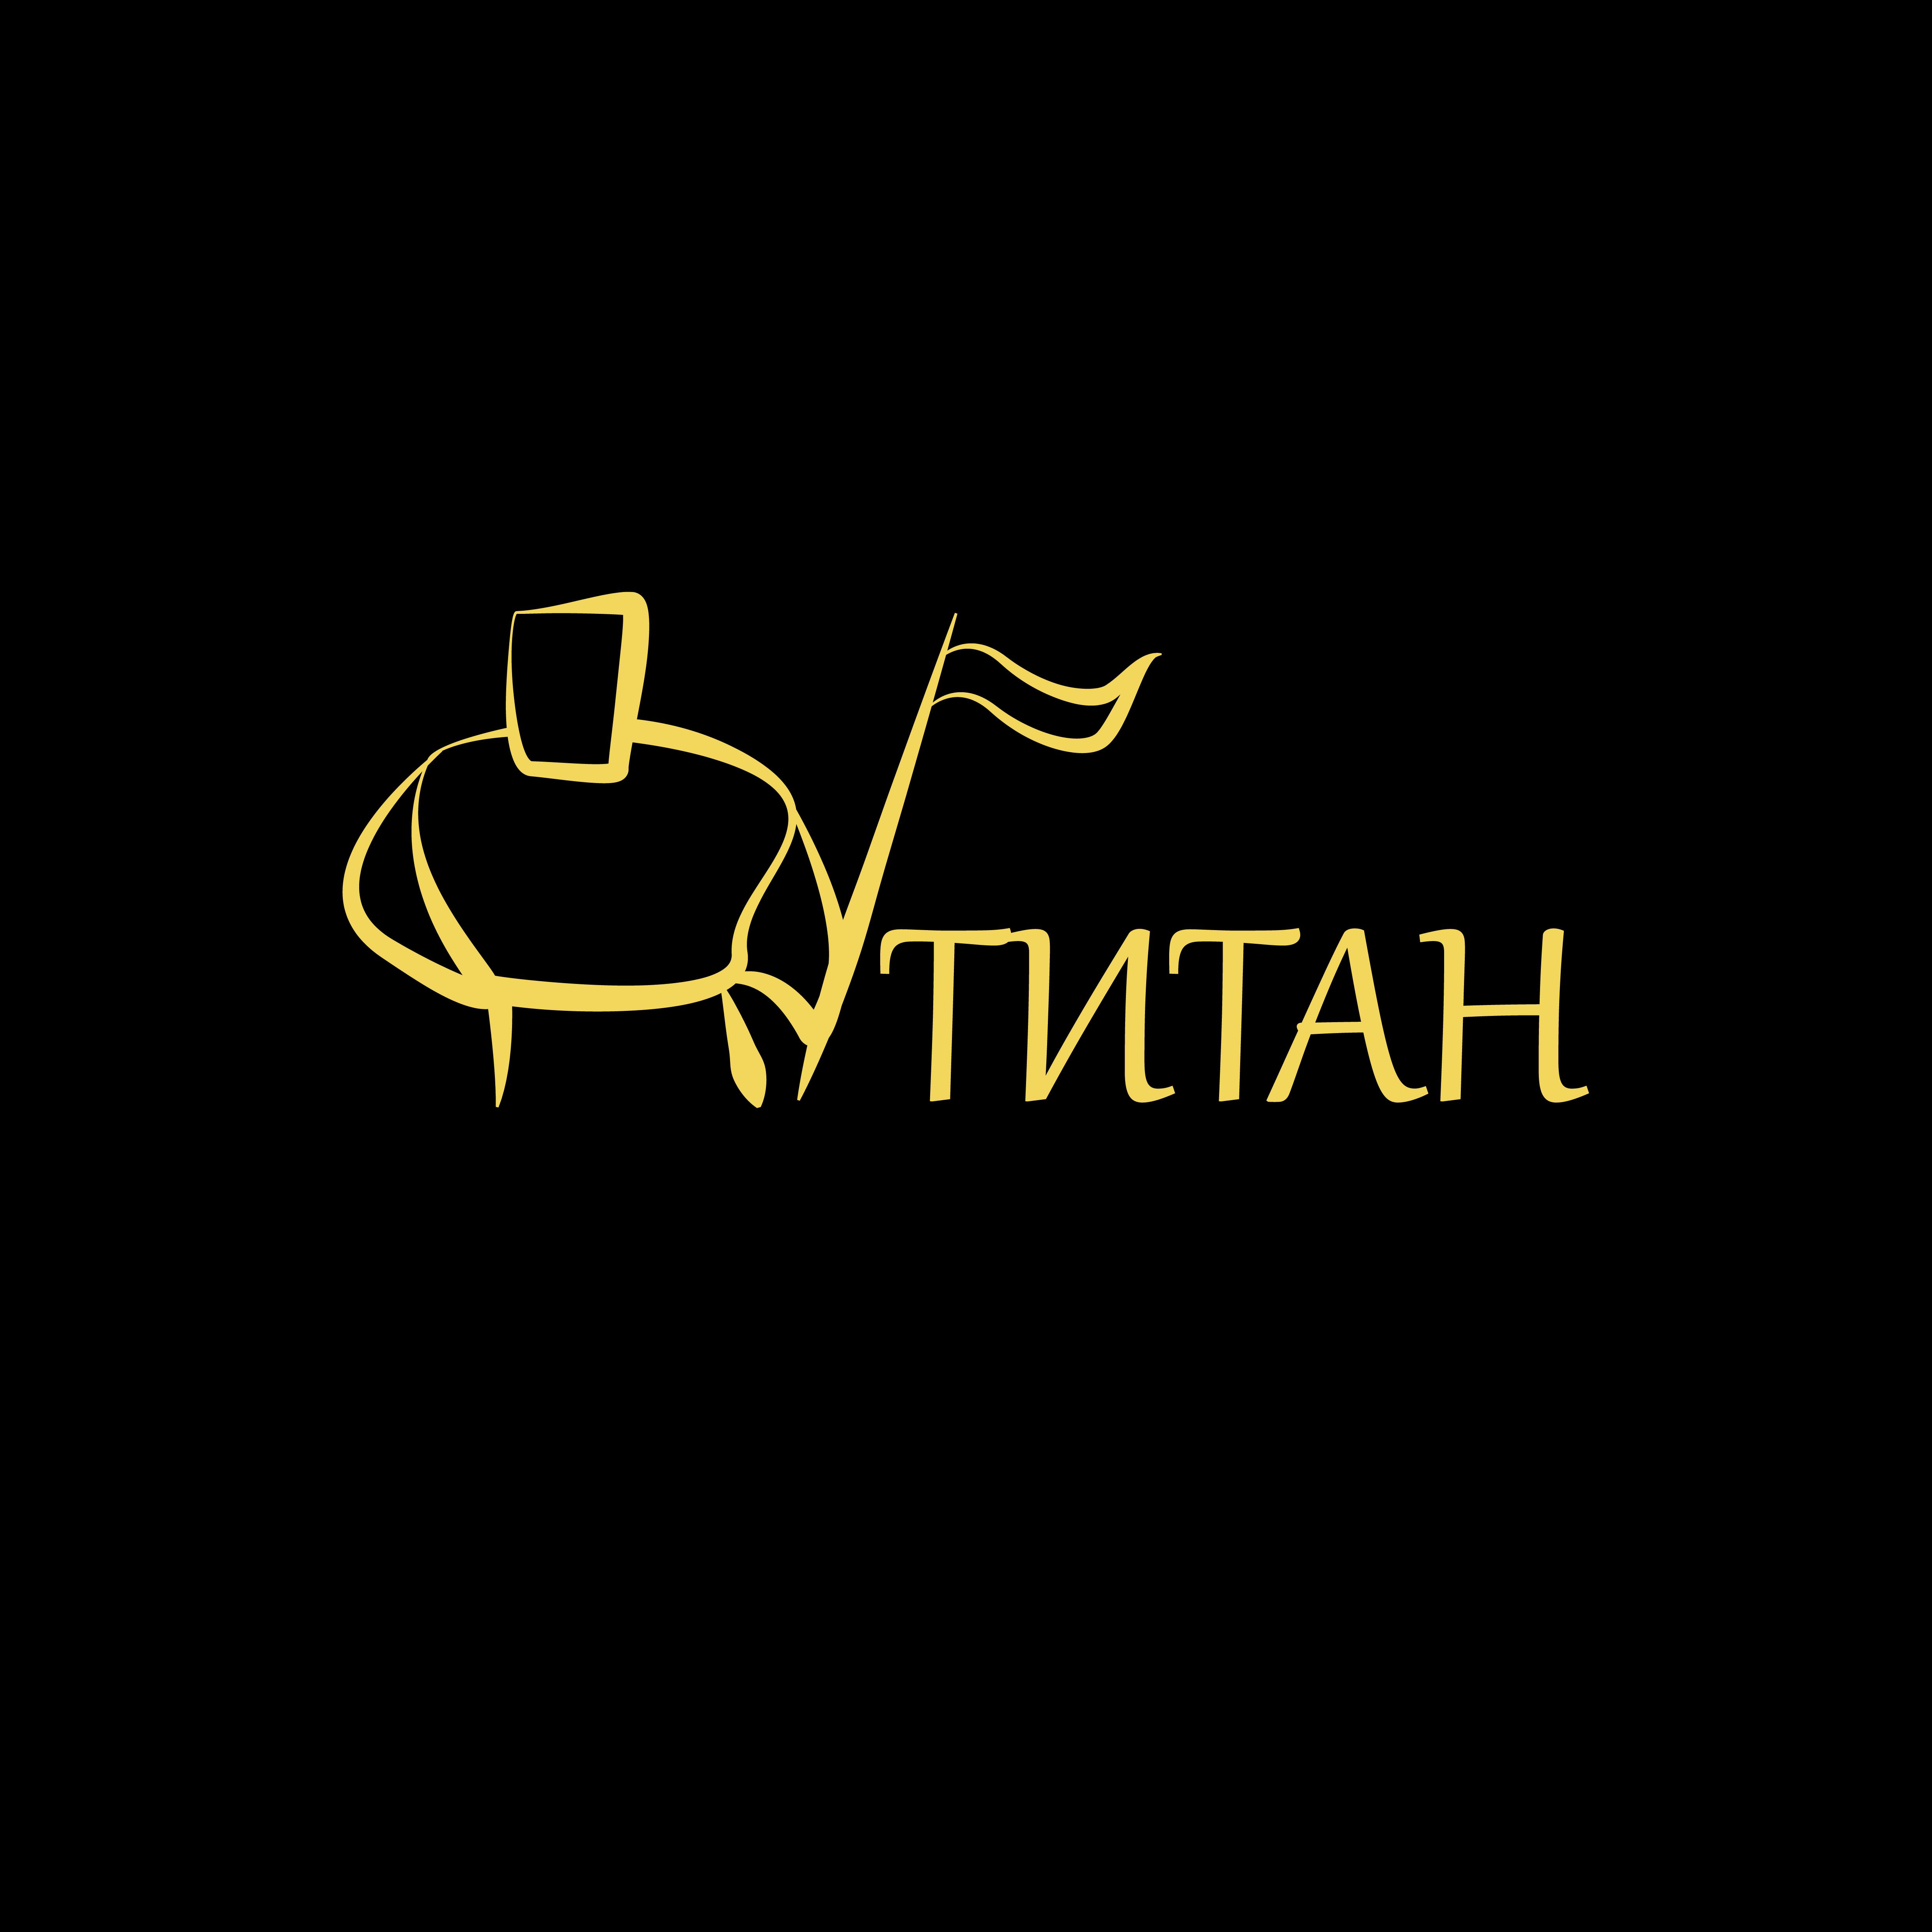 Разработка логотипа (срочно) фото f_8055d4a9849a9cf8.jpg